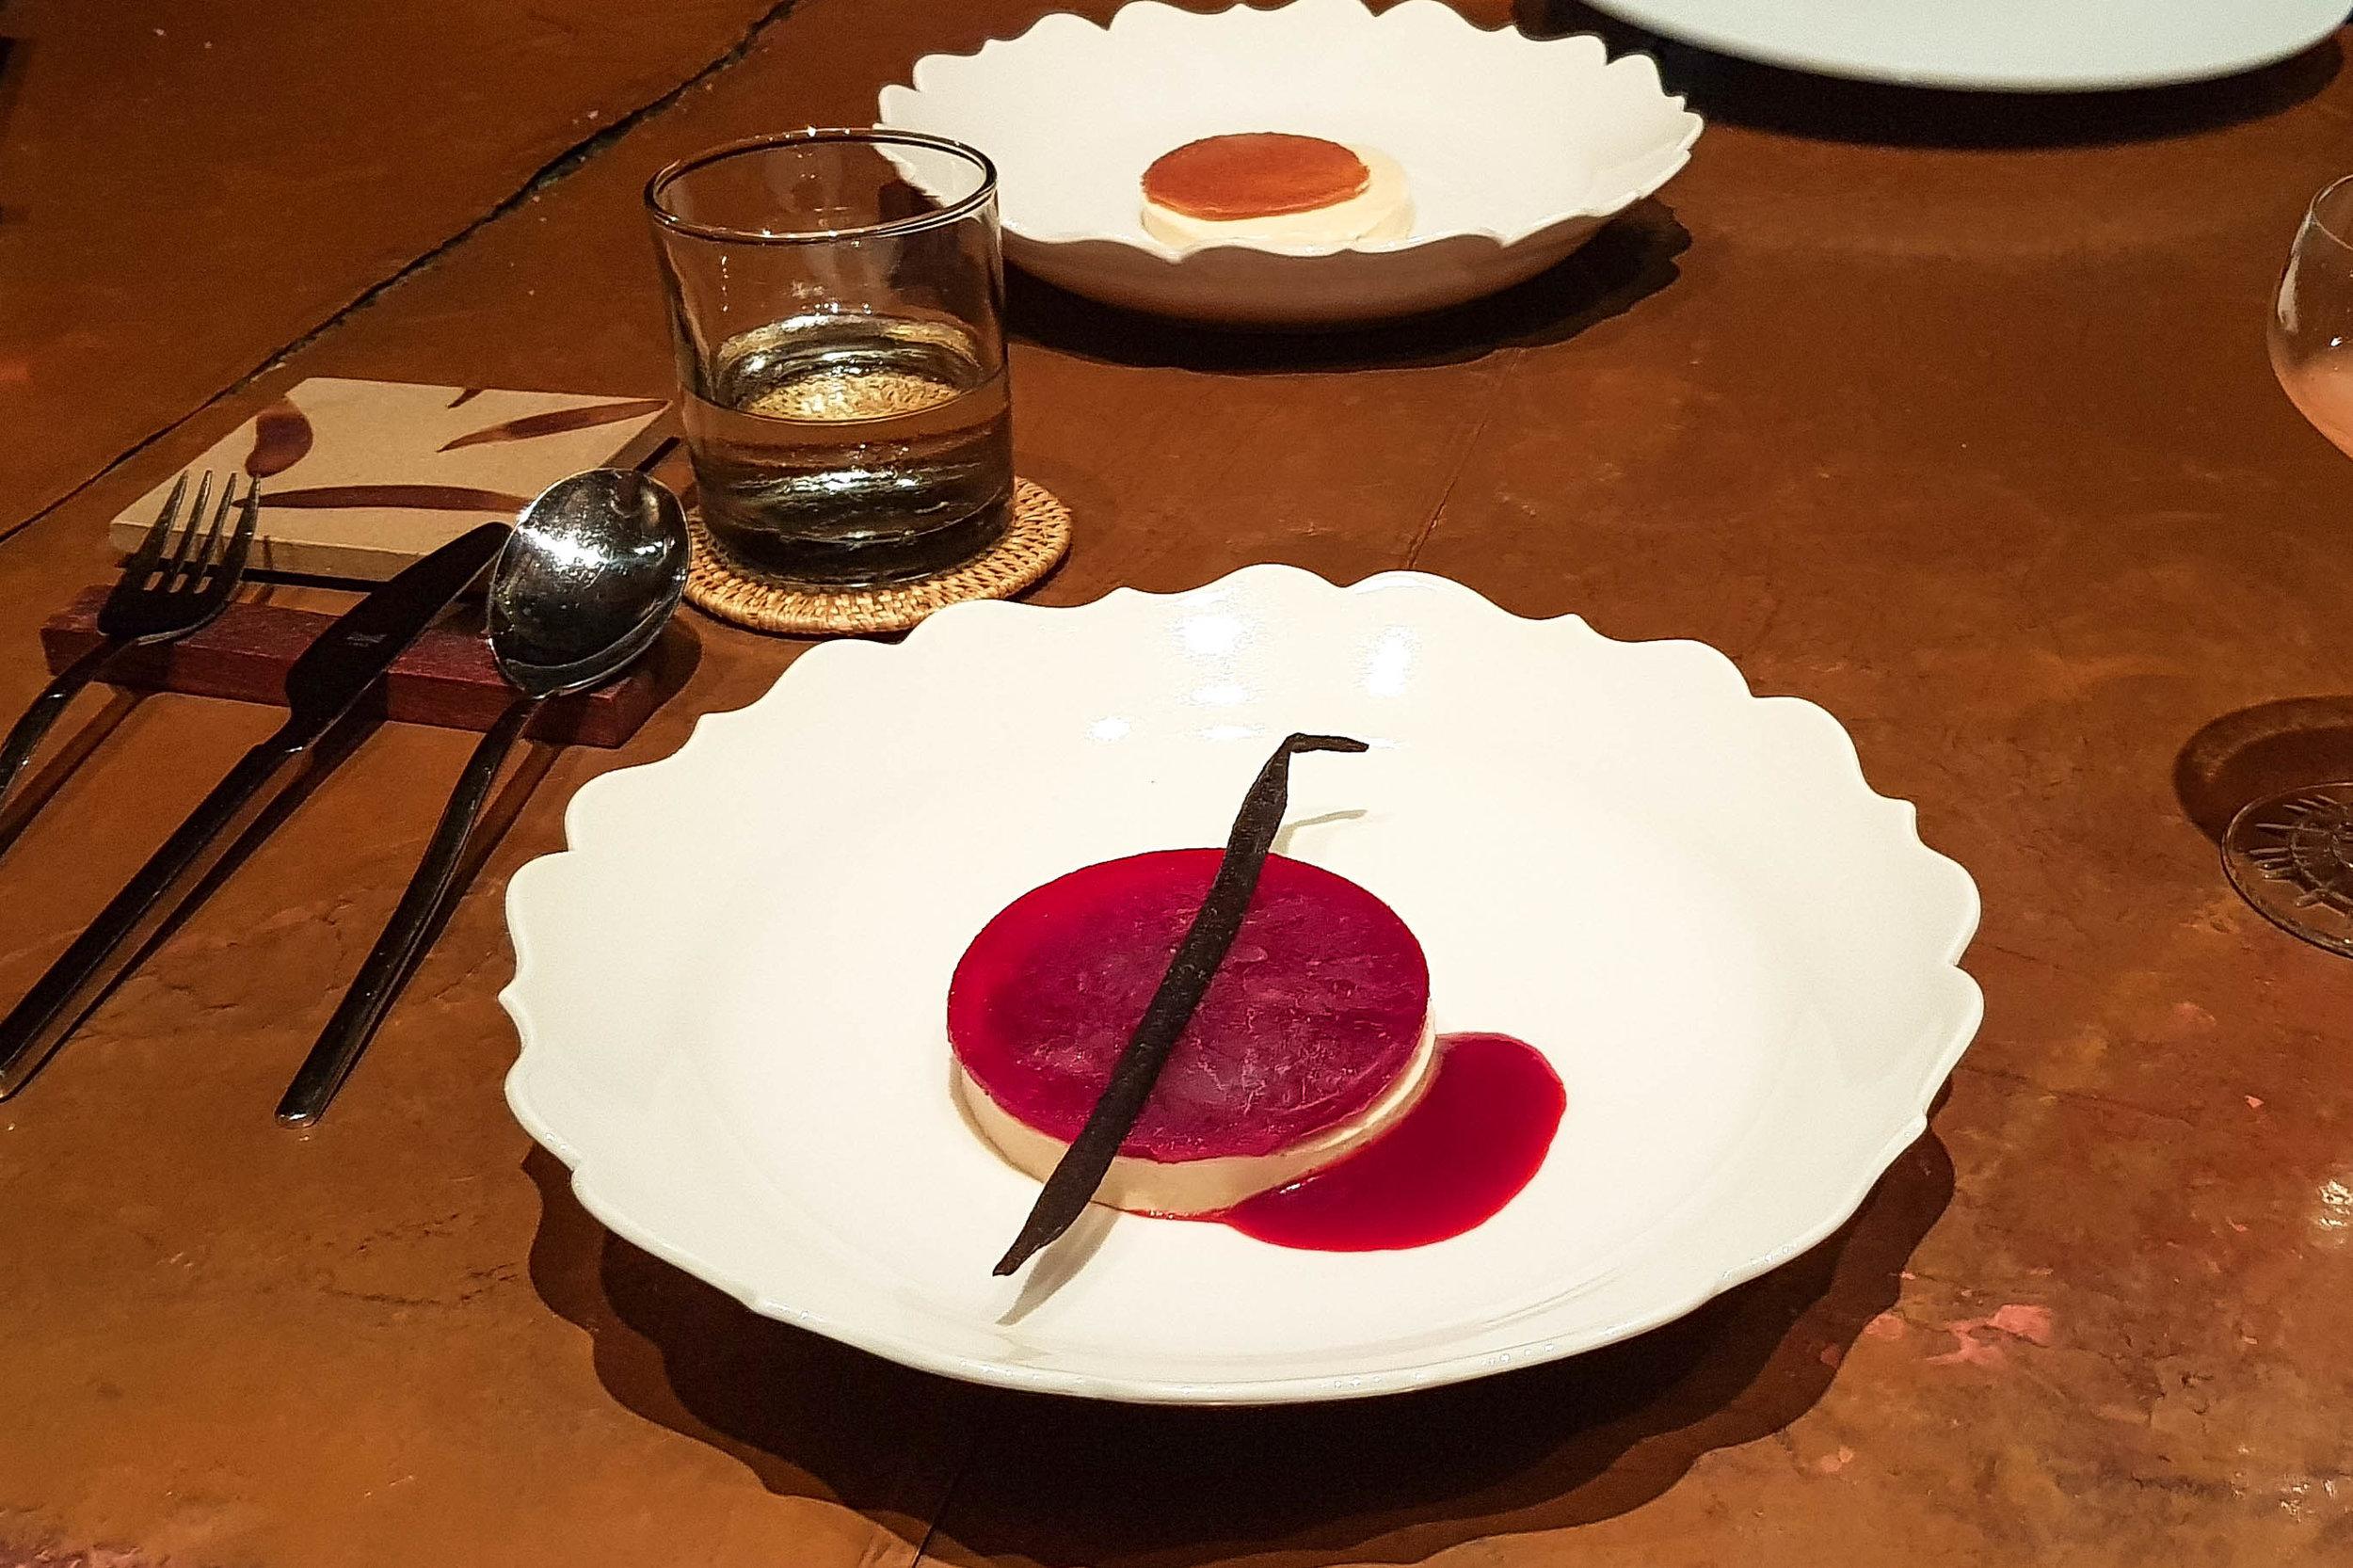 Planifoglia dish at Room 4 Dessert